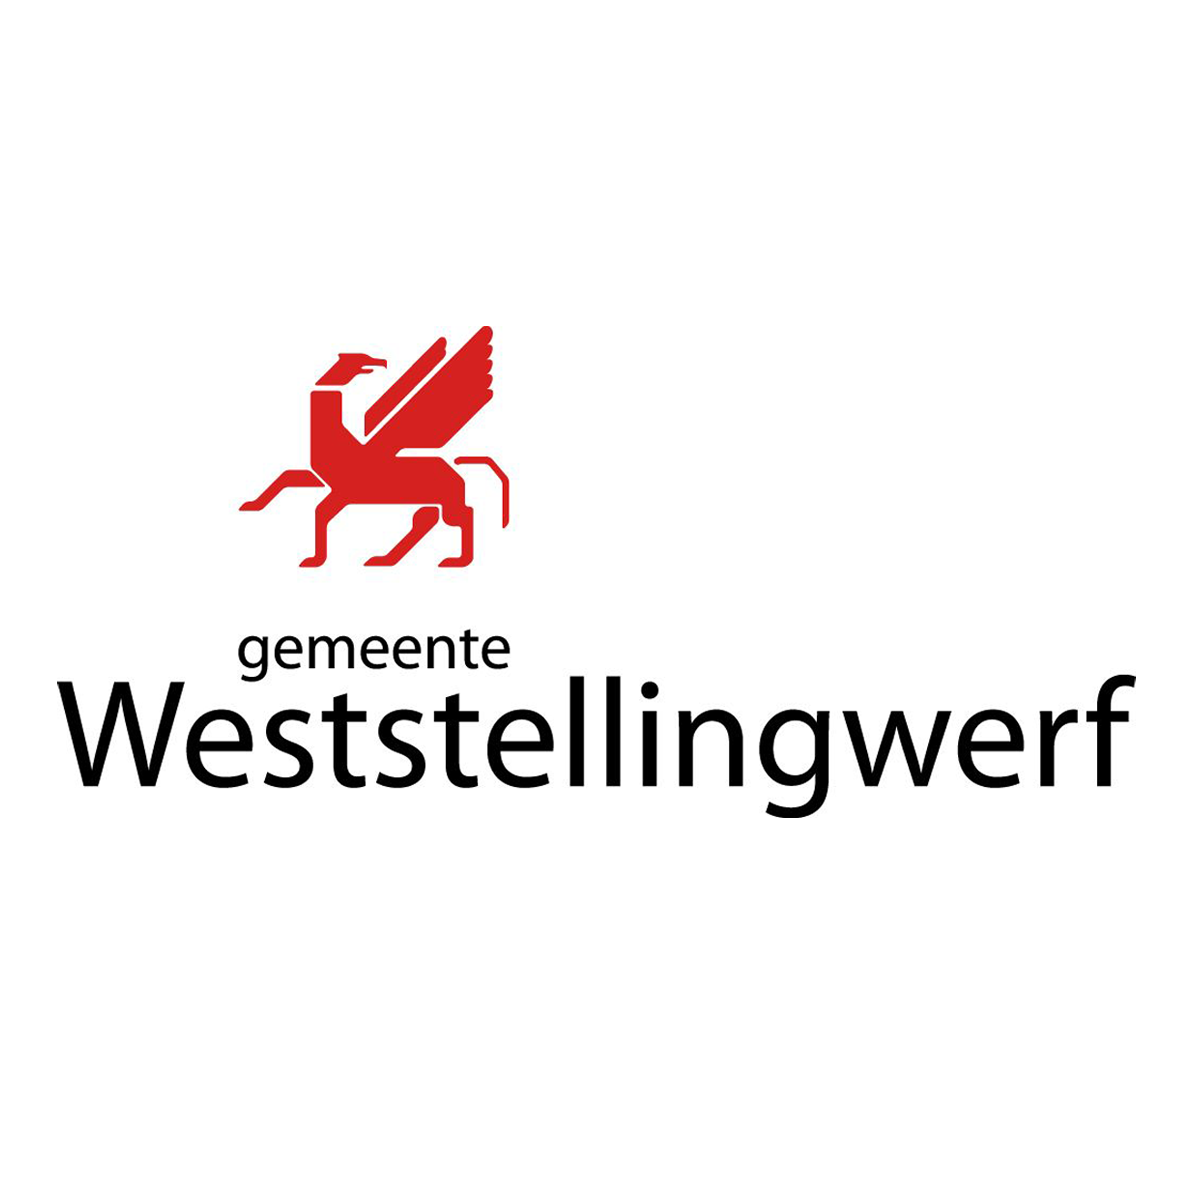 GemeenteWeststellingwerf.png